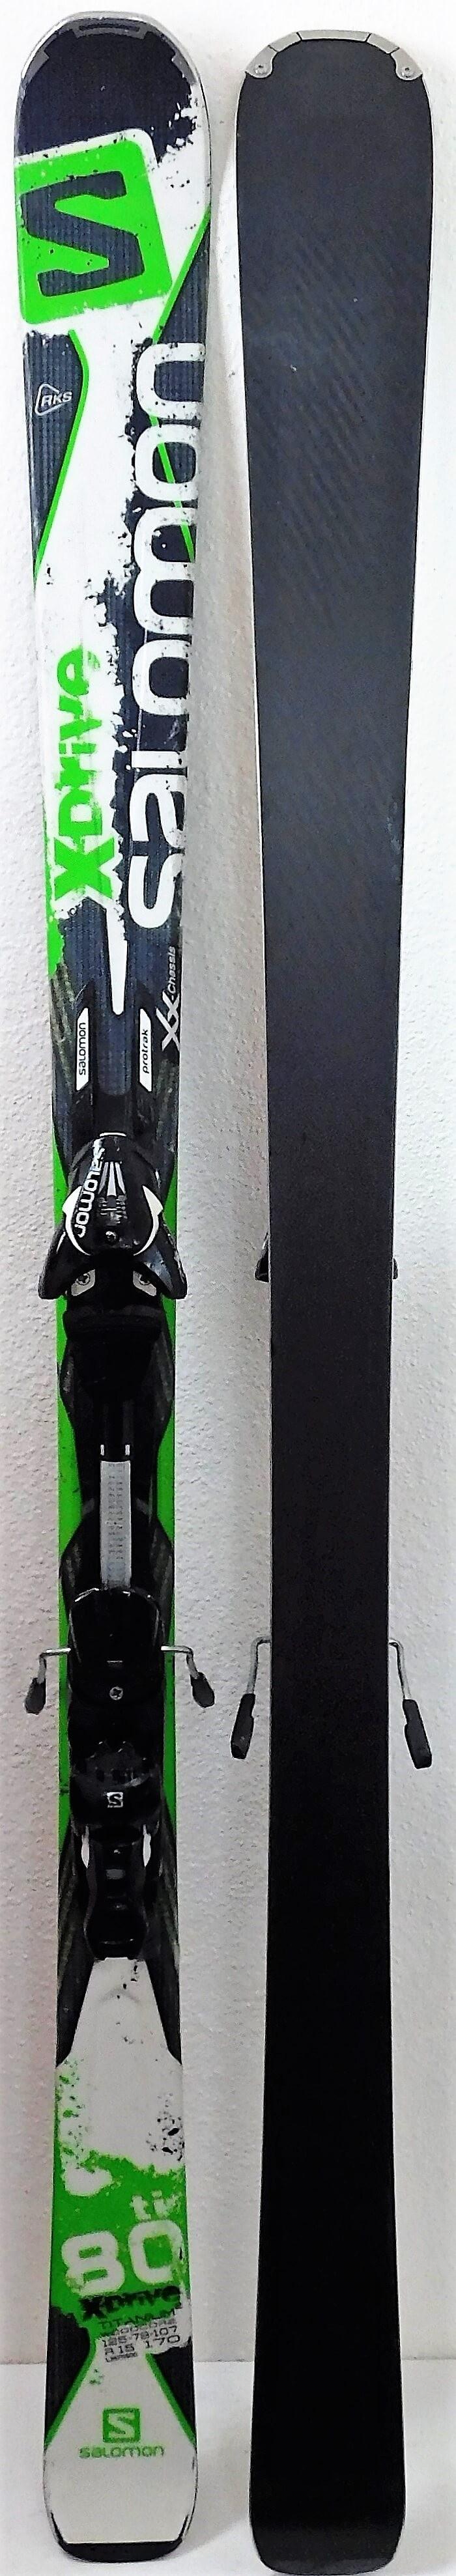 prevodilac šraf otplate  Pack Ski Salomon X-Drive 80 Ti + Fixations Salomon Z12